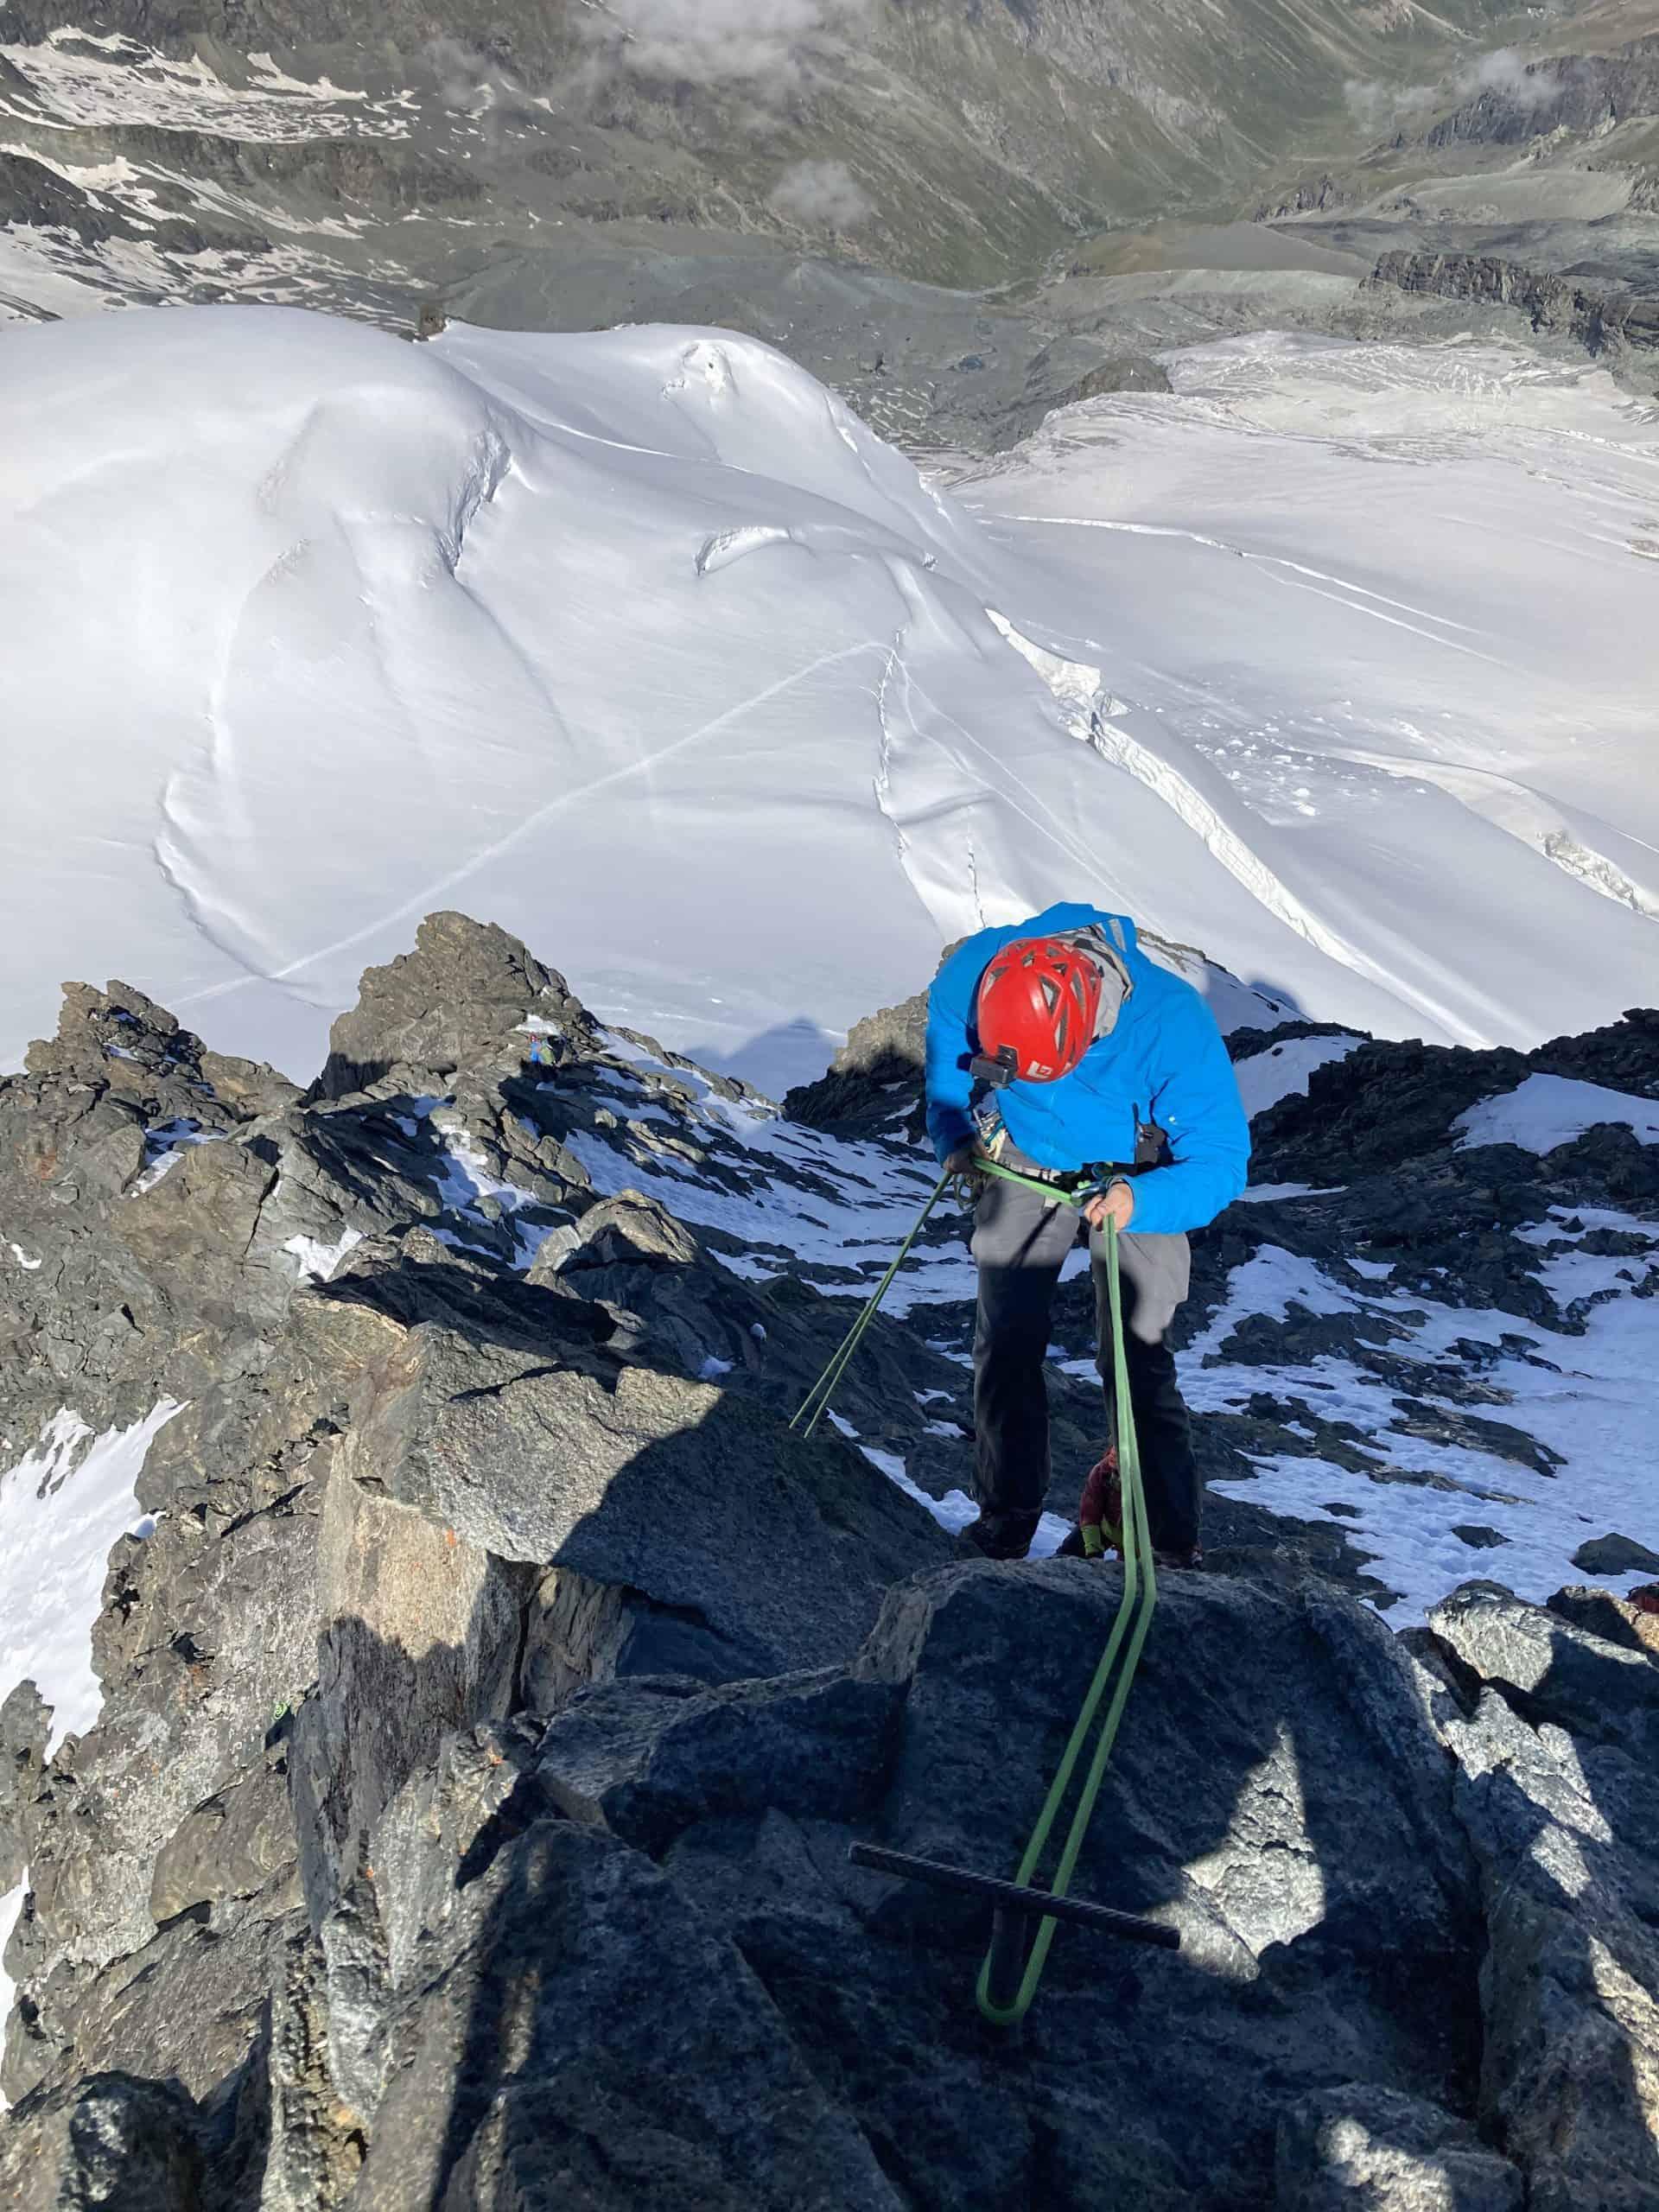 IMG 5862 scaled - Rimpfischhorn - viele Wege zum Ziel?!